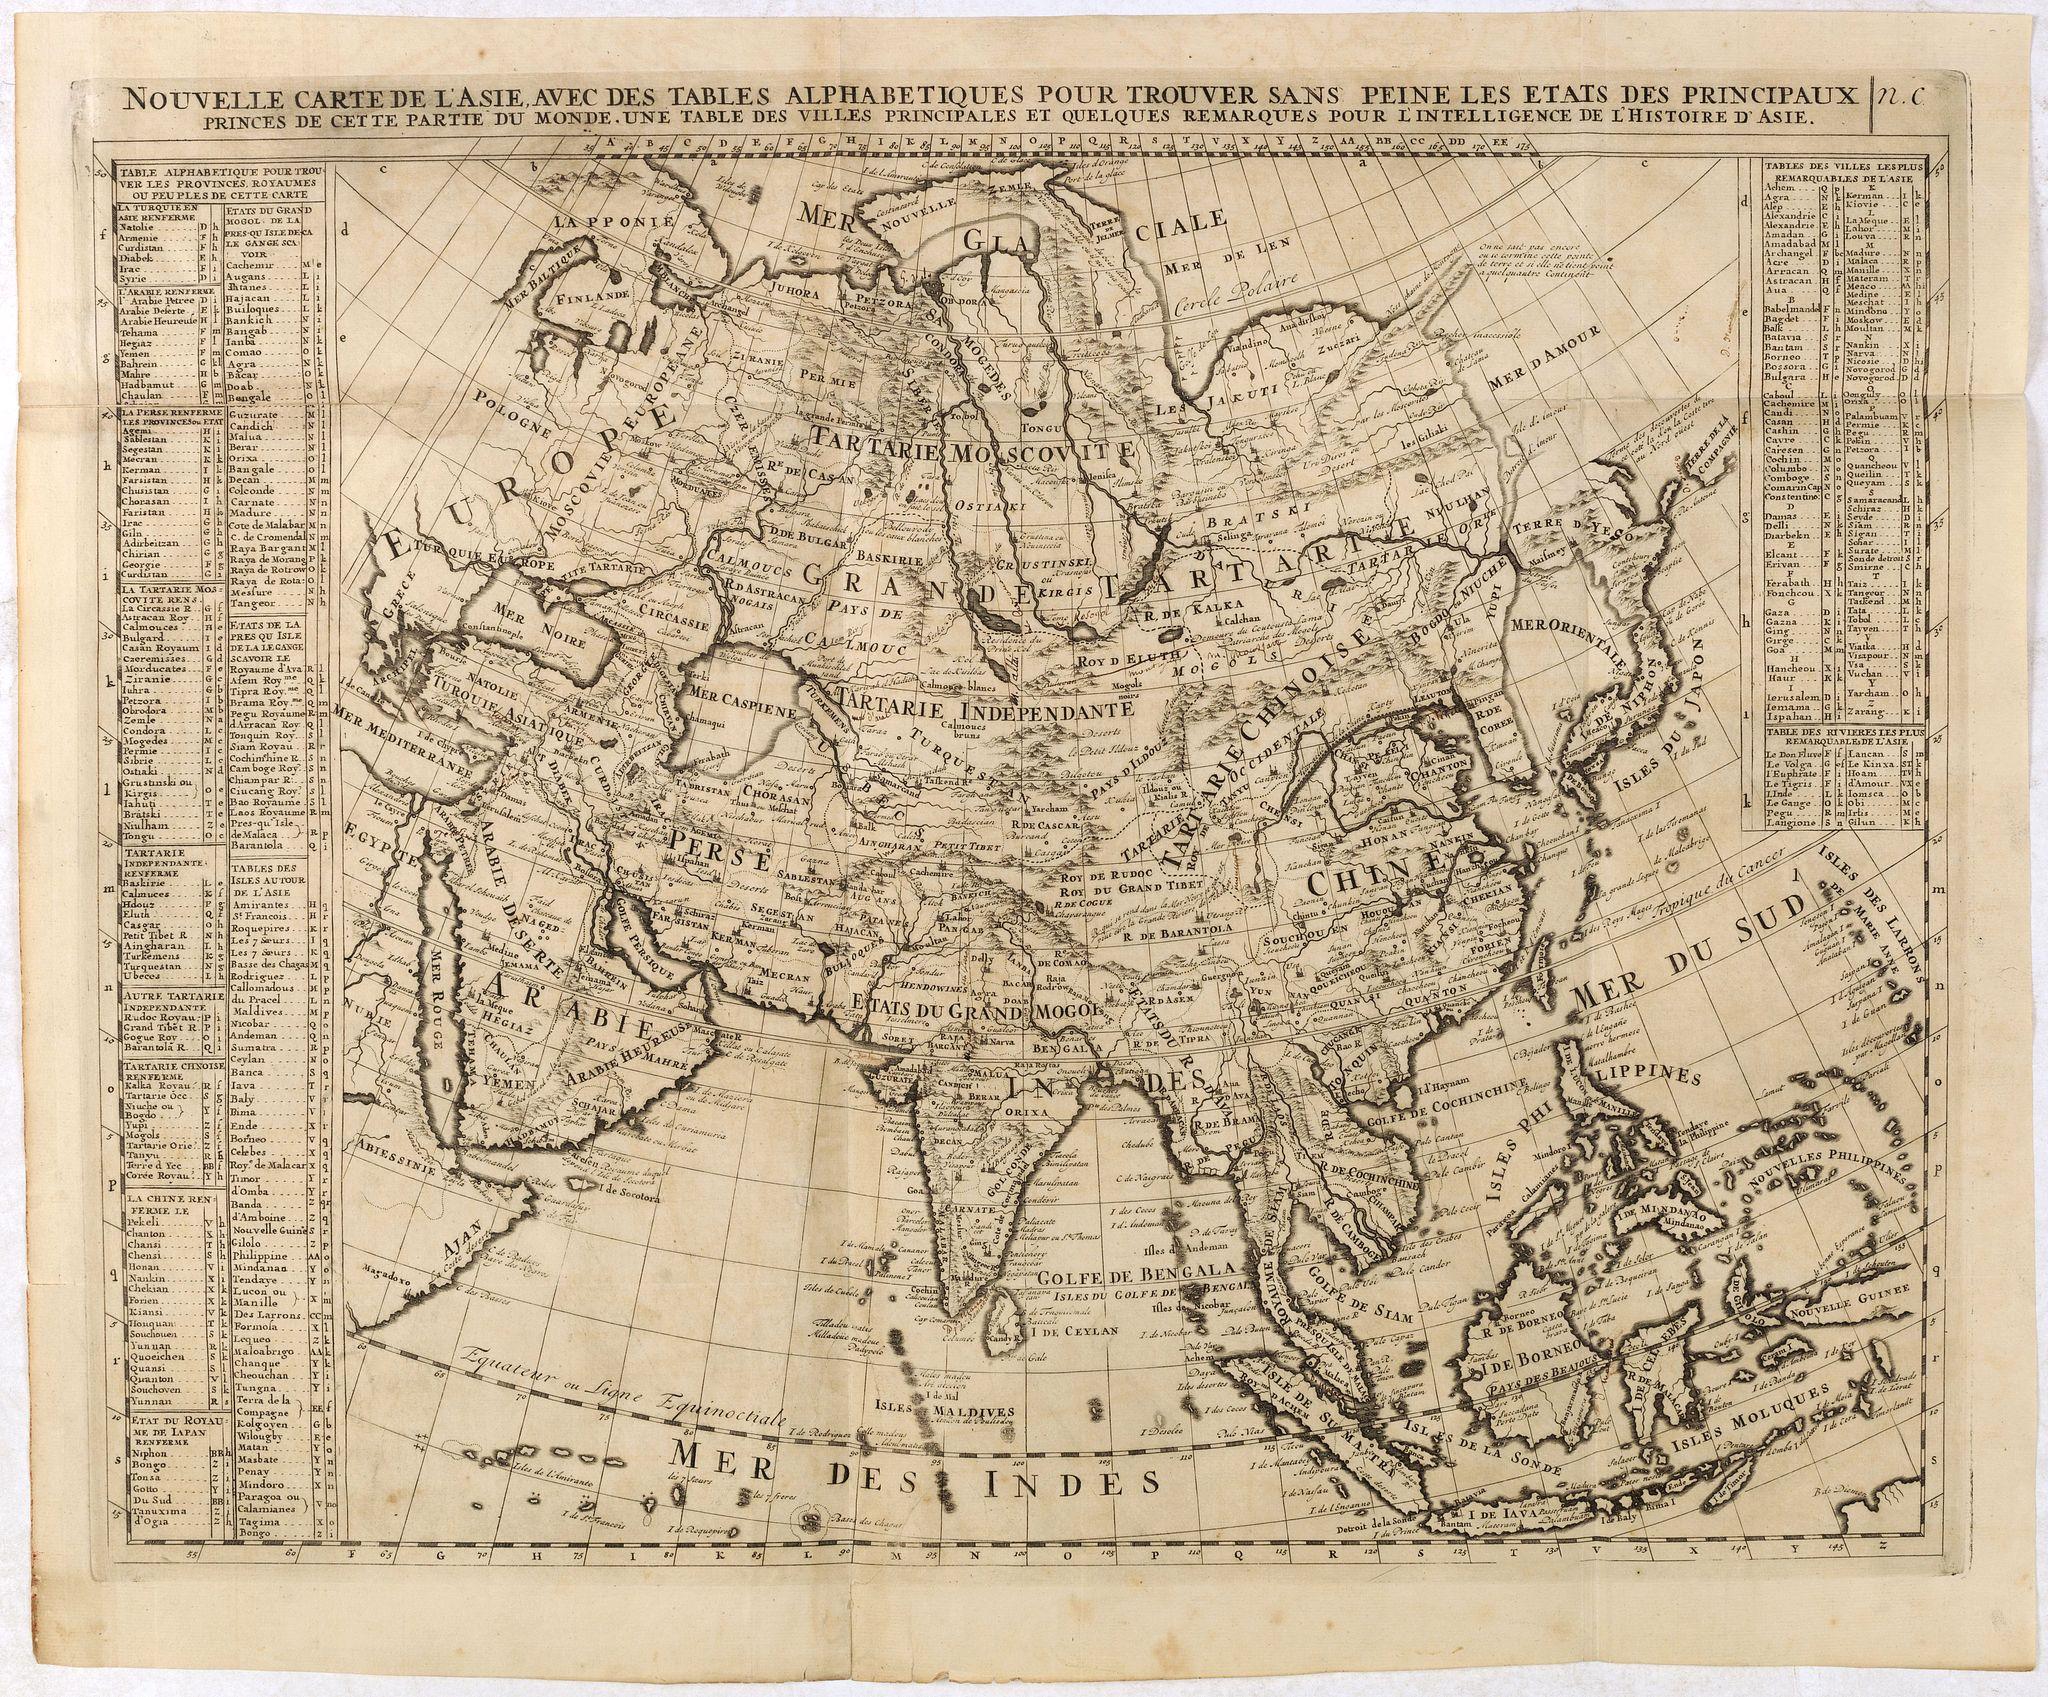 CHATELAIN, H. -  Nouvelle Carte De L'Asie Avec Des Tables Alphabetiques Pour Trouver Sans Peine Les Etats Des Principaux Princes De Cette Partie Du . . .